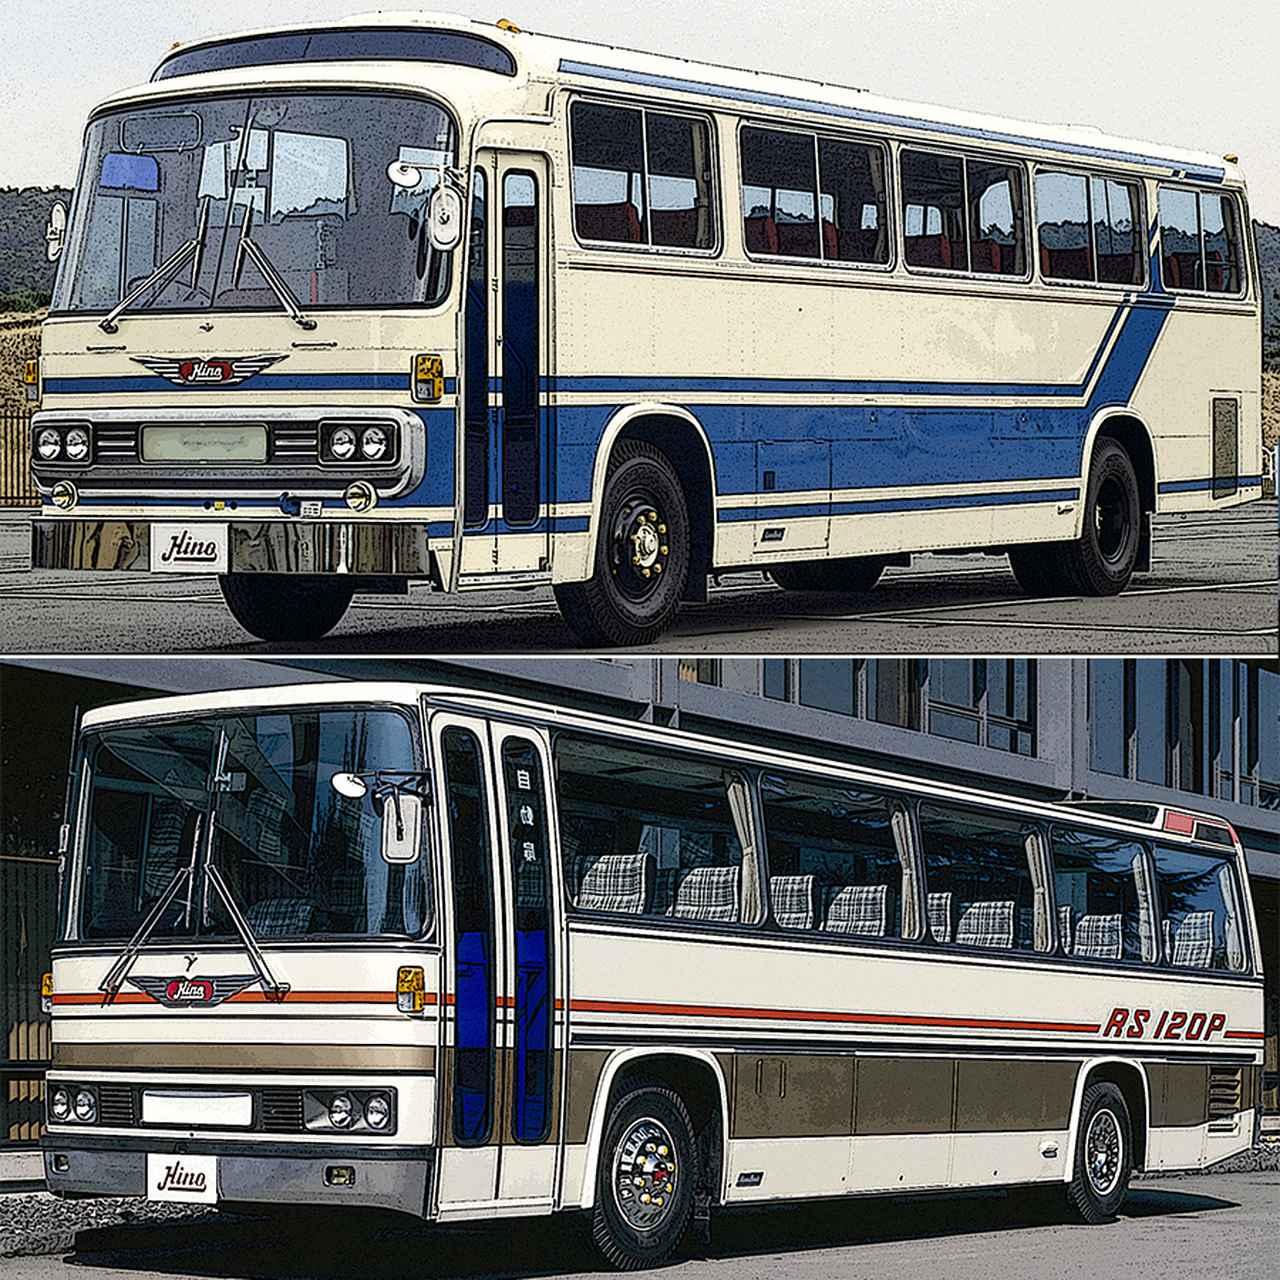 画像: バスボディの革命! 1977年にスケルトン構造のRS120P(下)が登場。従来のモノコック構造のRV系(上)と併売された。